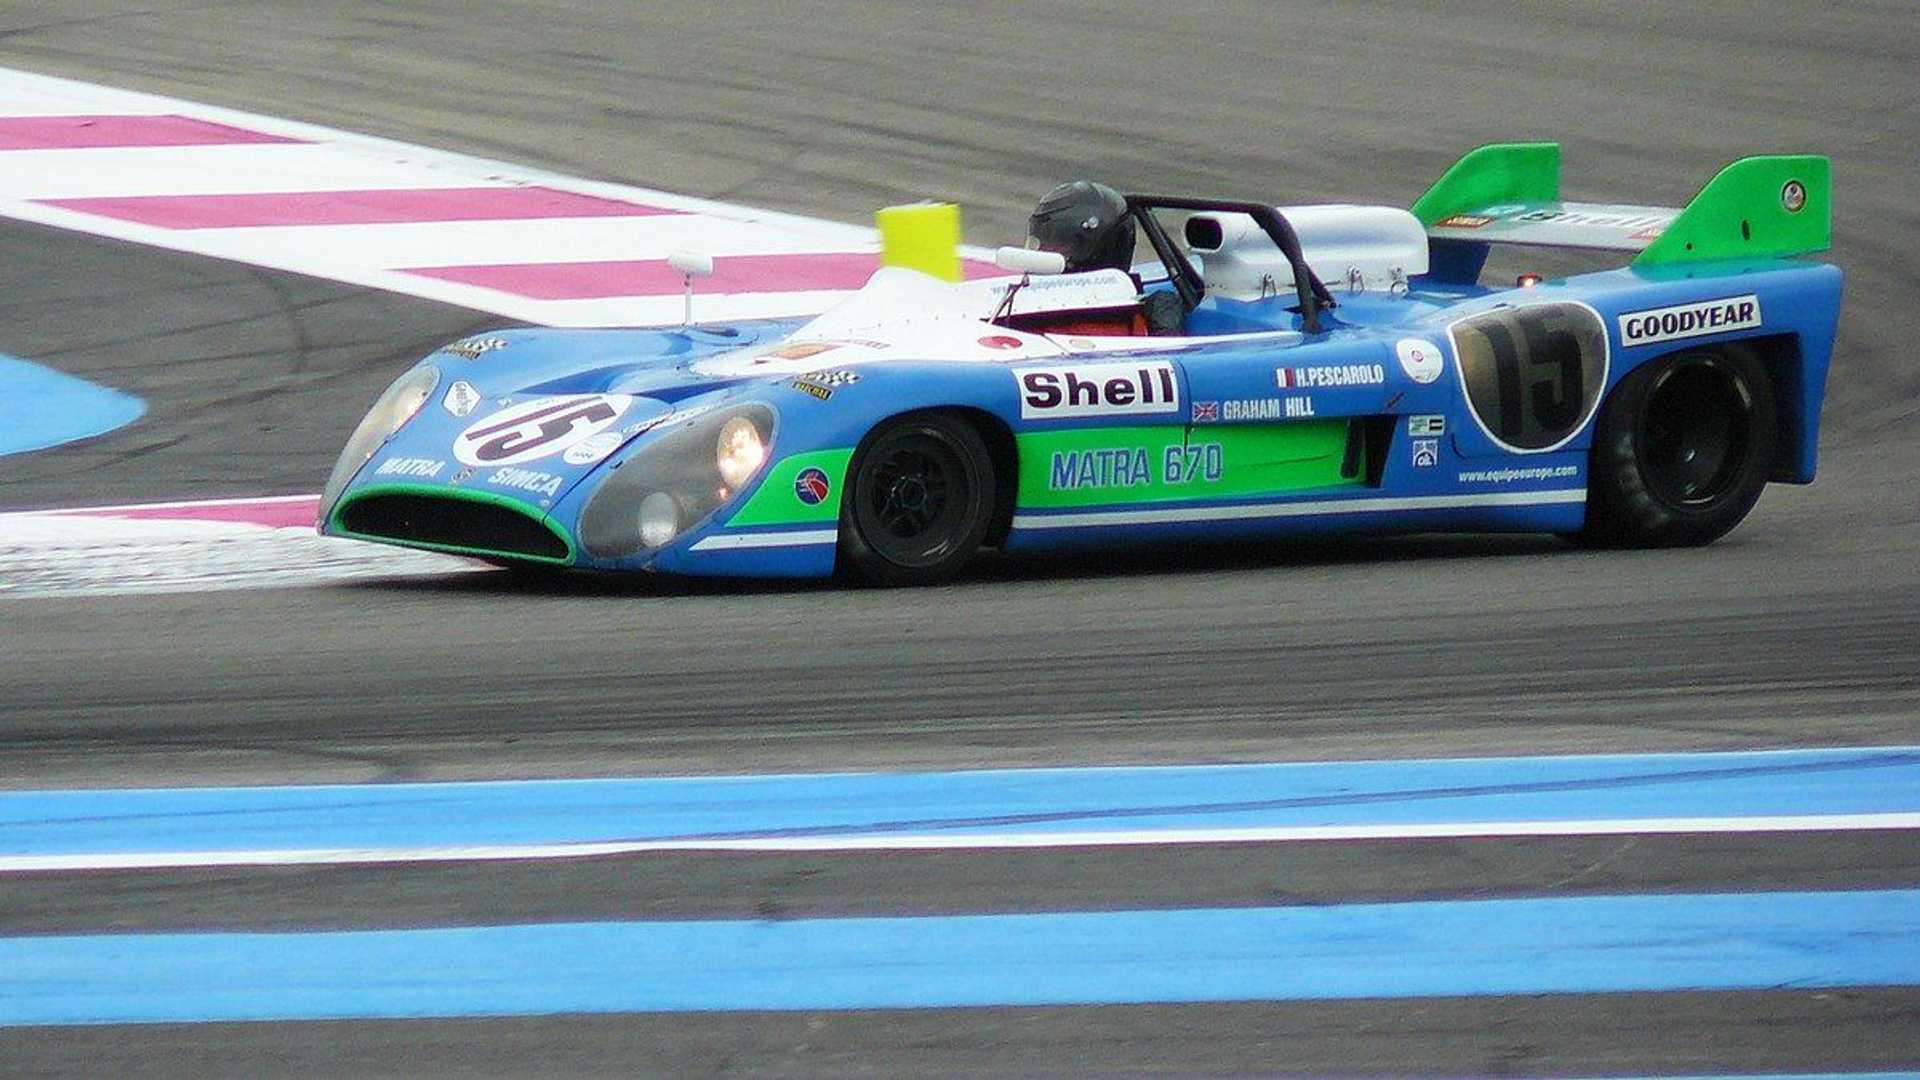 La Matra MS 670, victorieuse au Mans en 1972, adjugée 6,9 millions d'euros - Motor1.com France